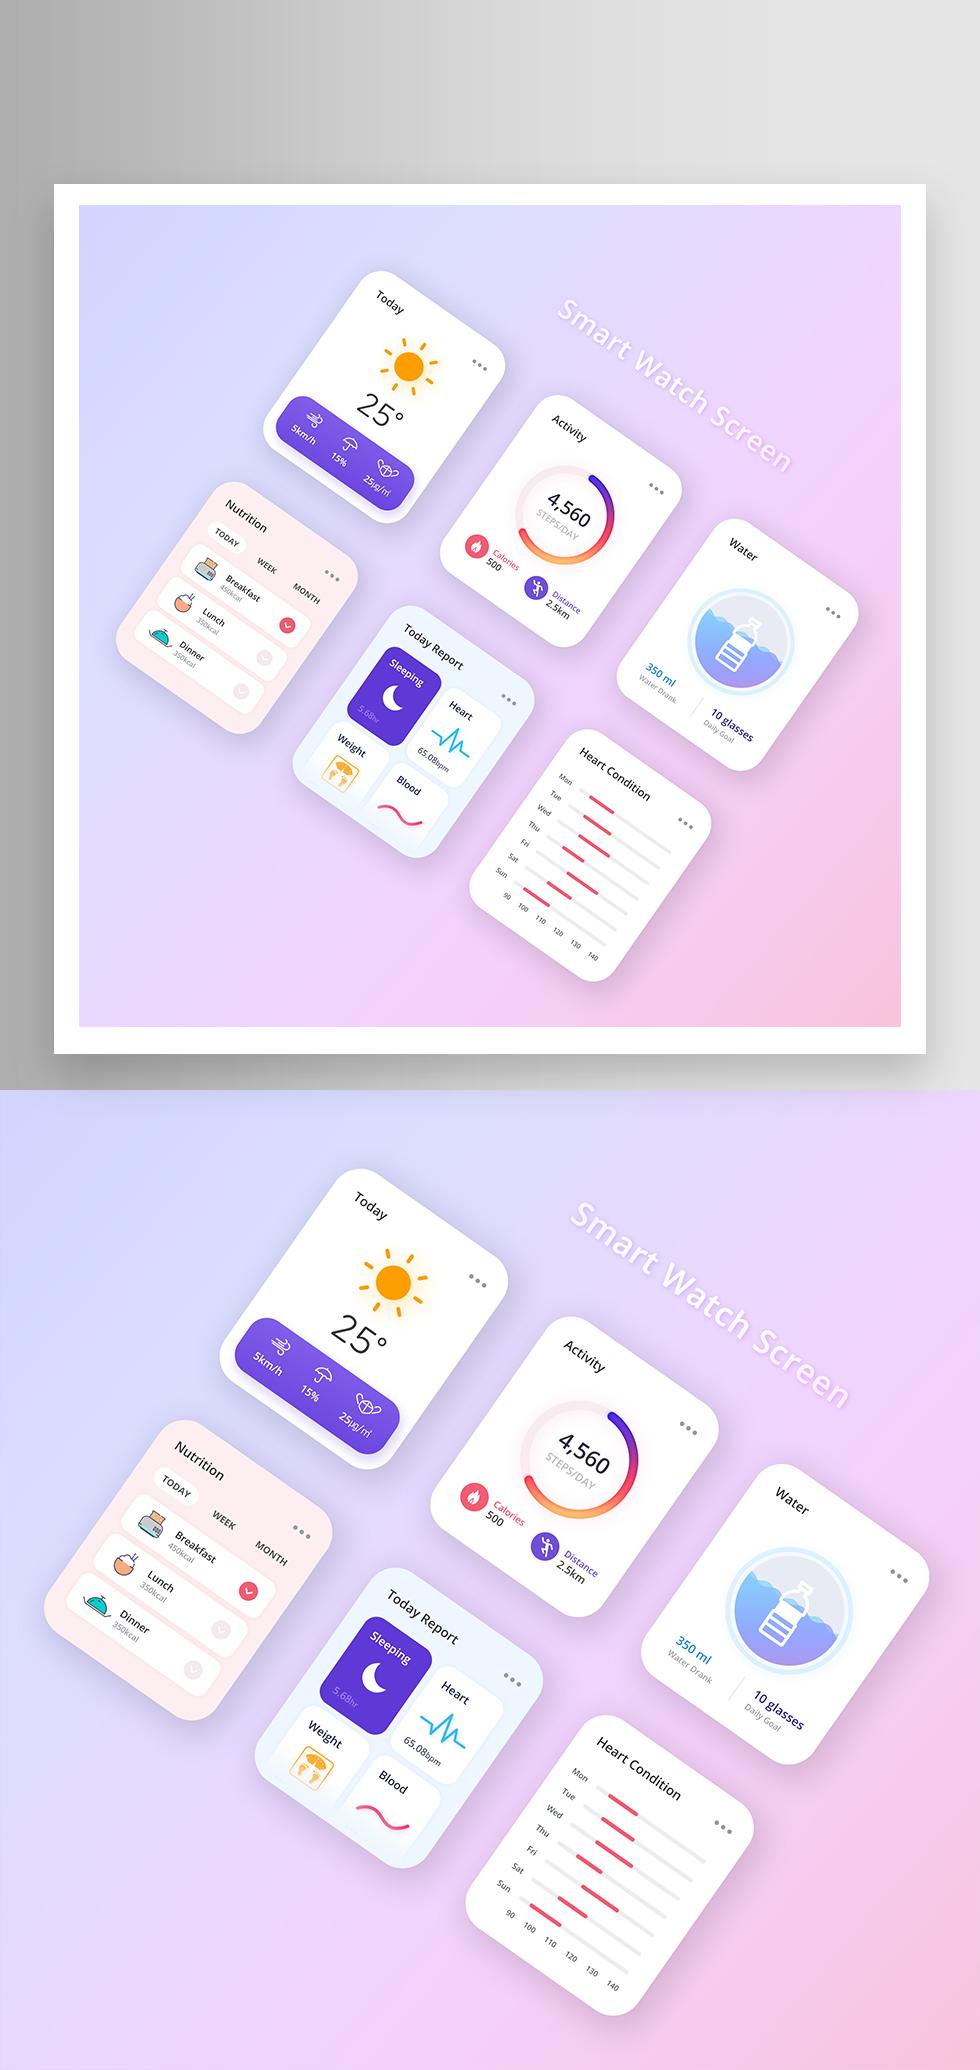 简约智能手表UI界面设计素材14